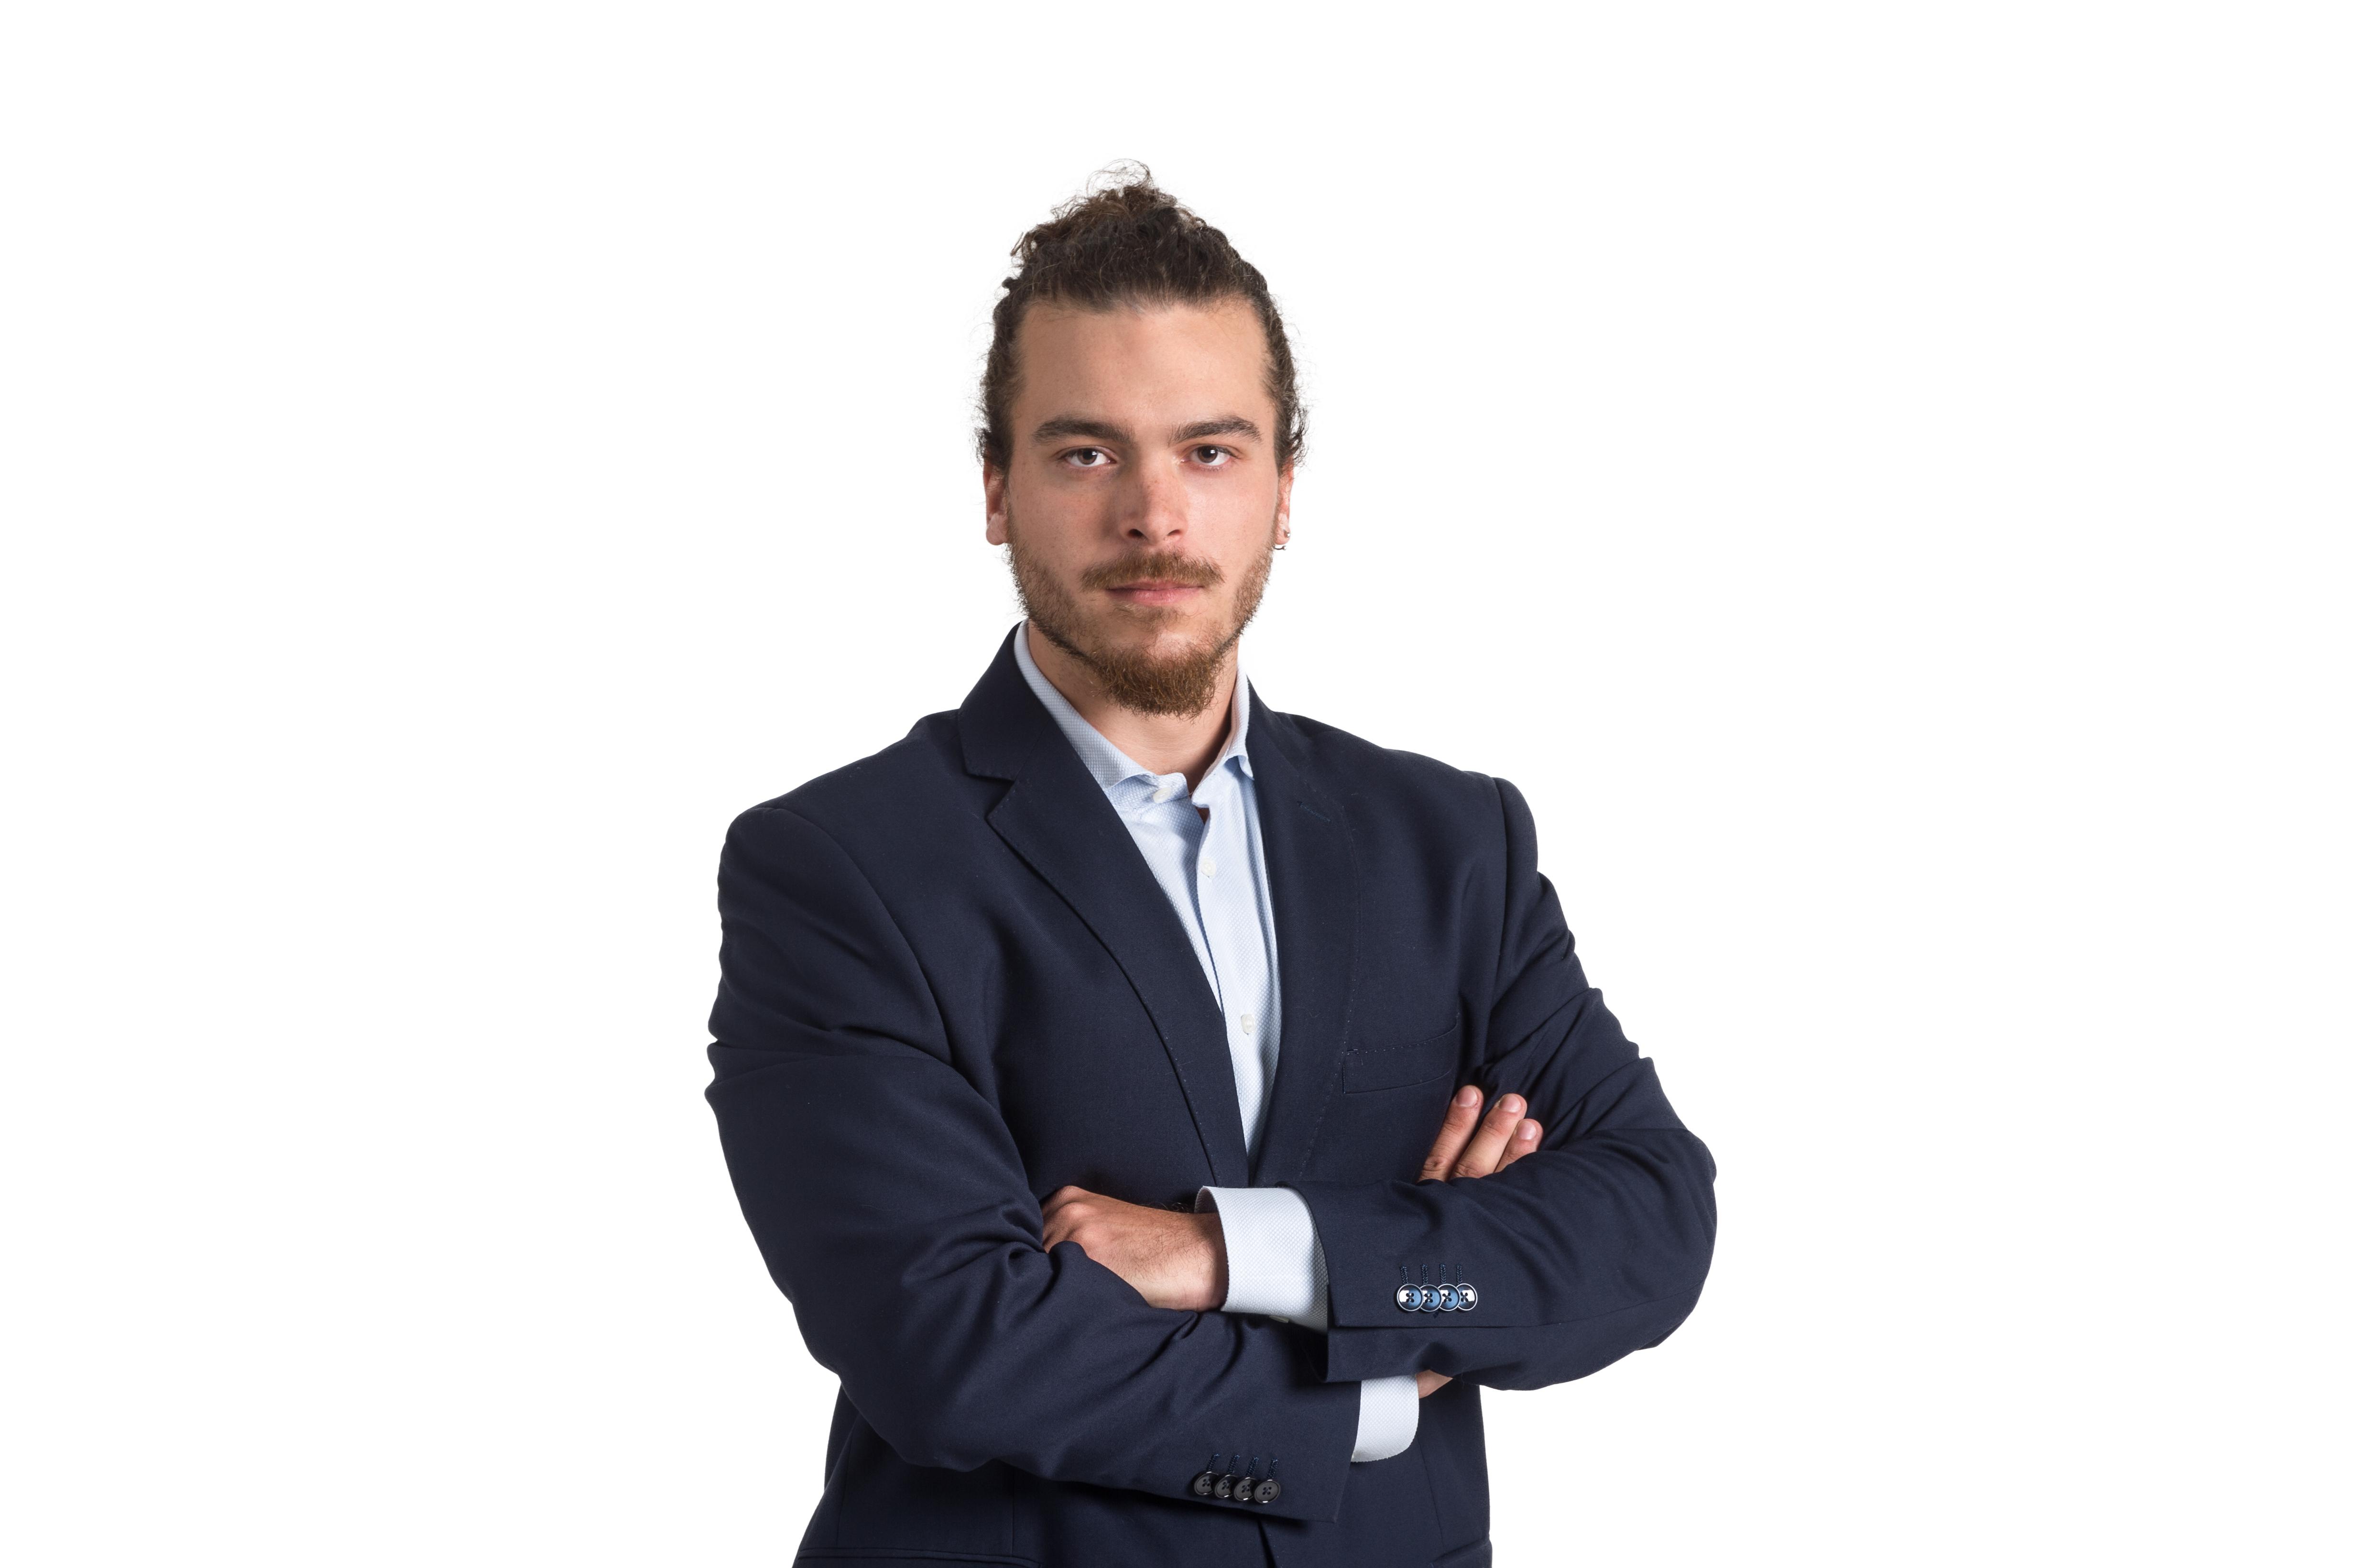 Andrea Pontoglio